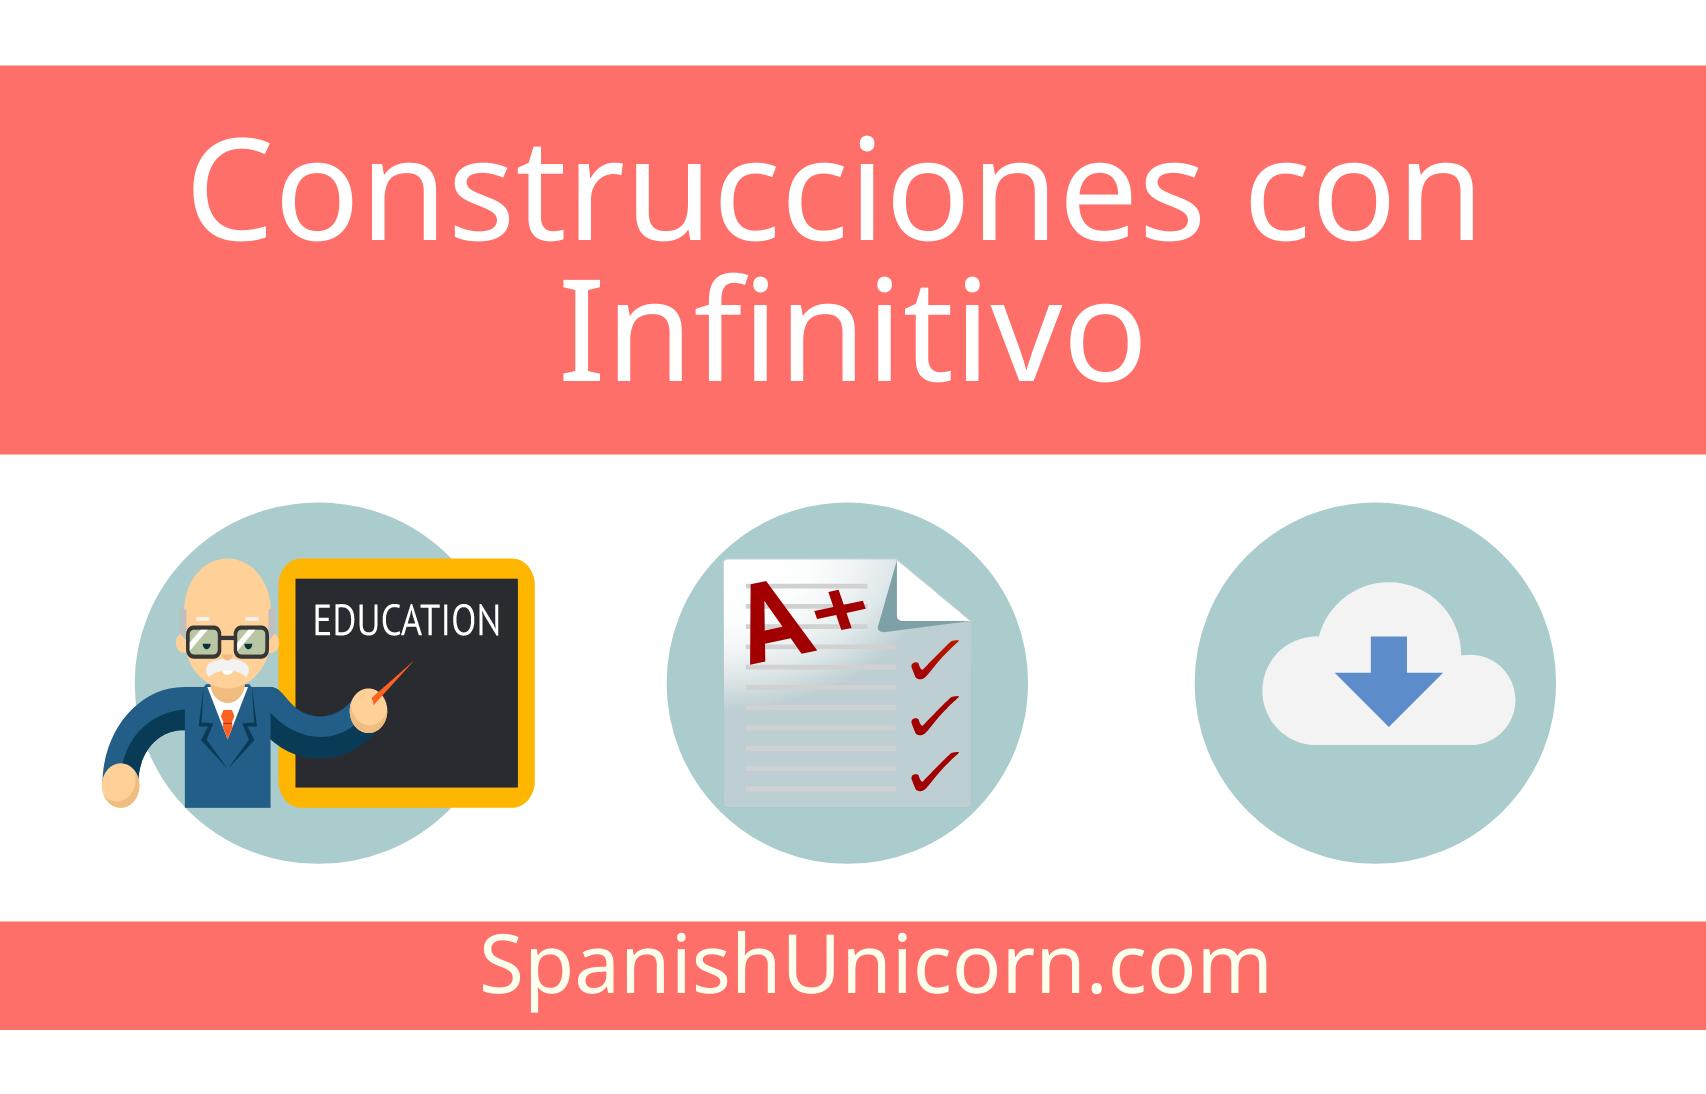 Construcciones con infinitivo